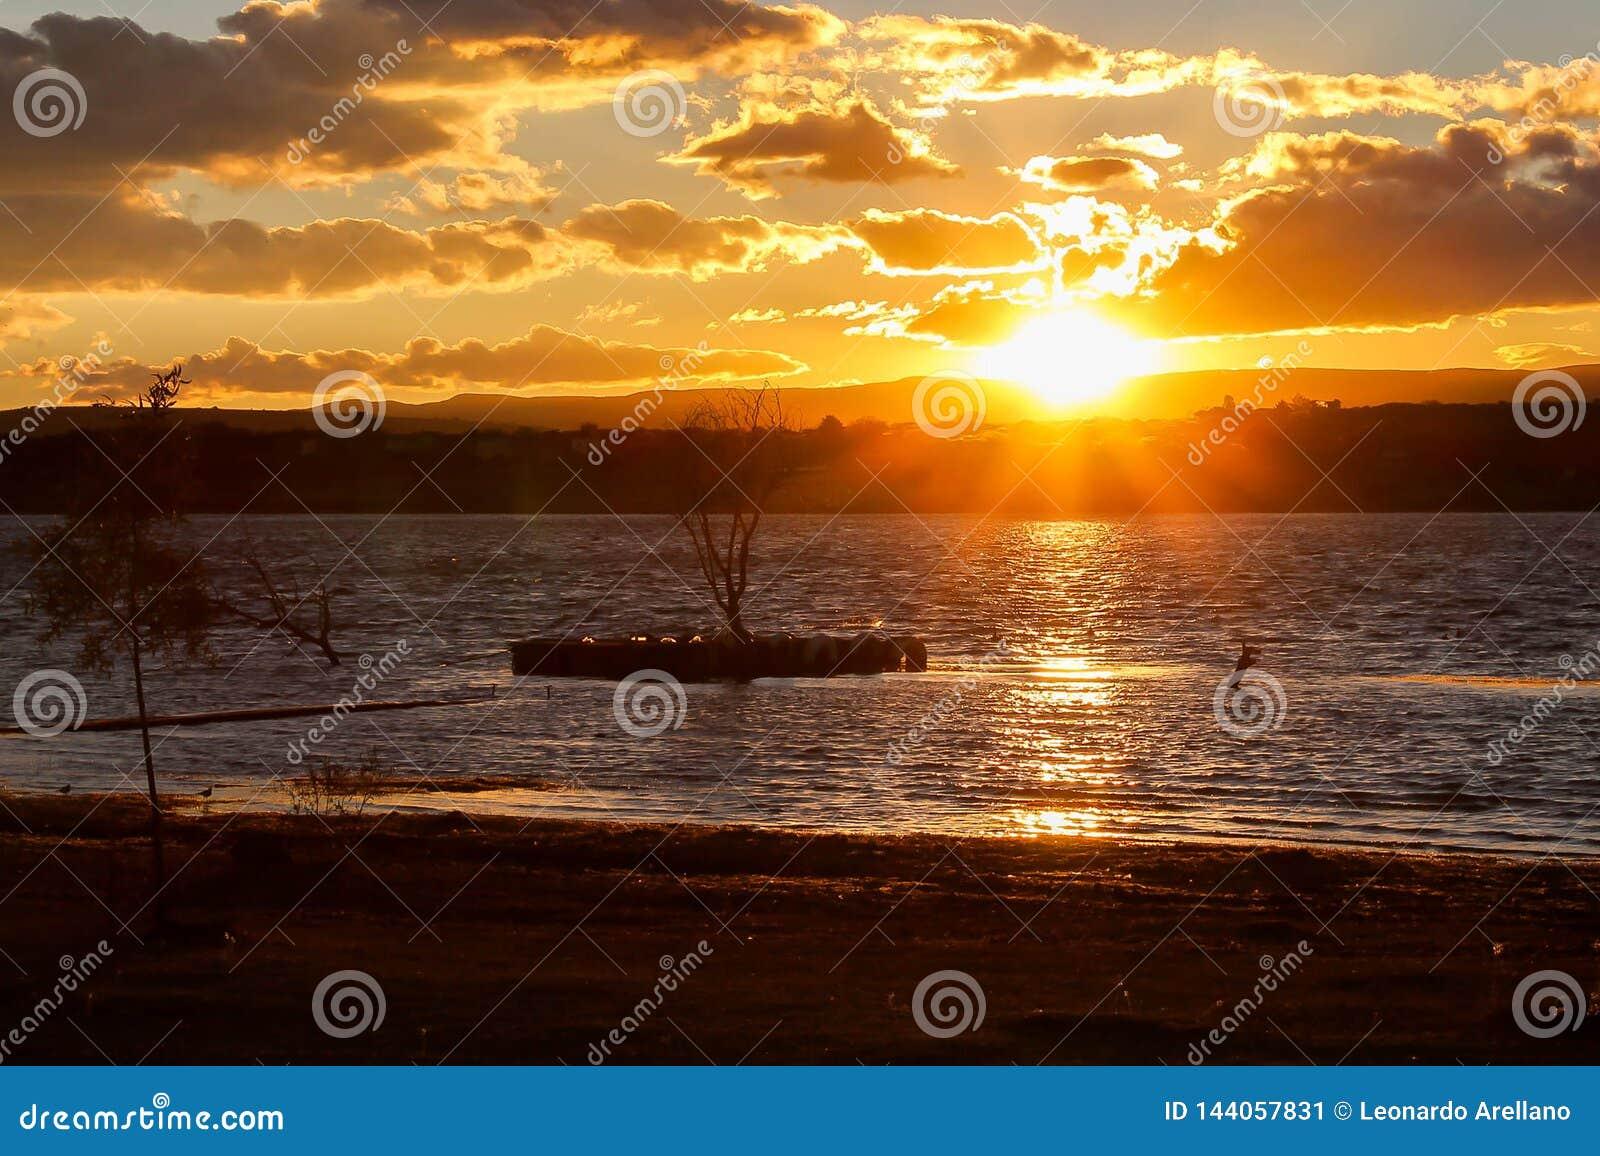 Solnedgång på sjön och bygden